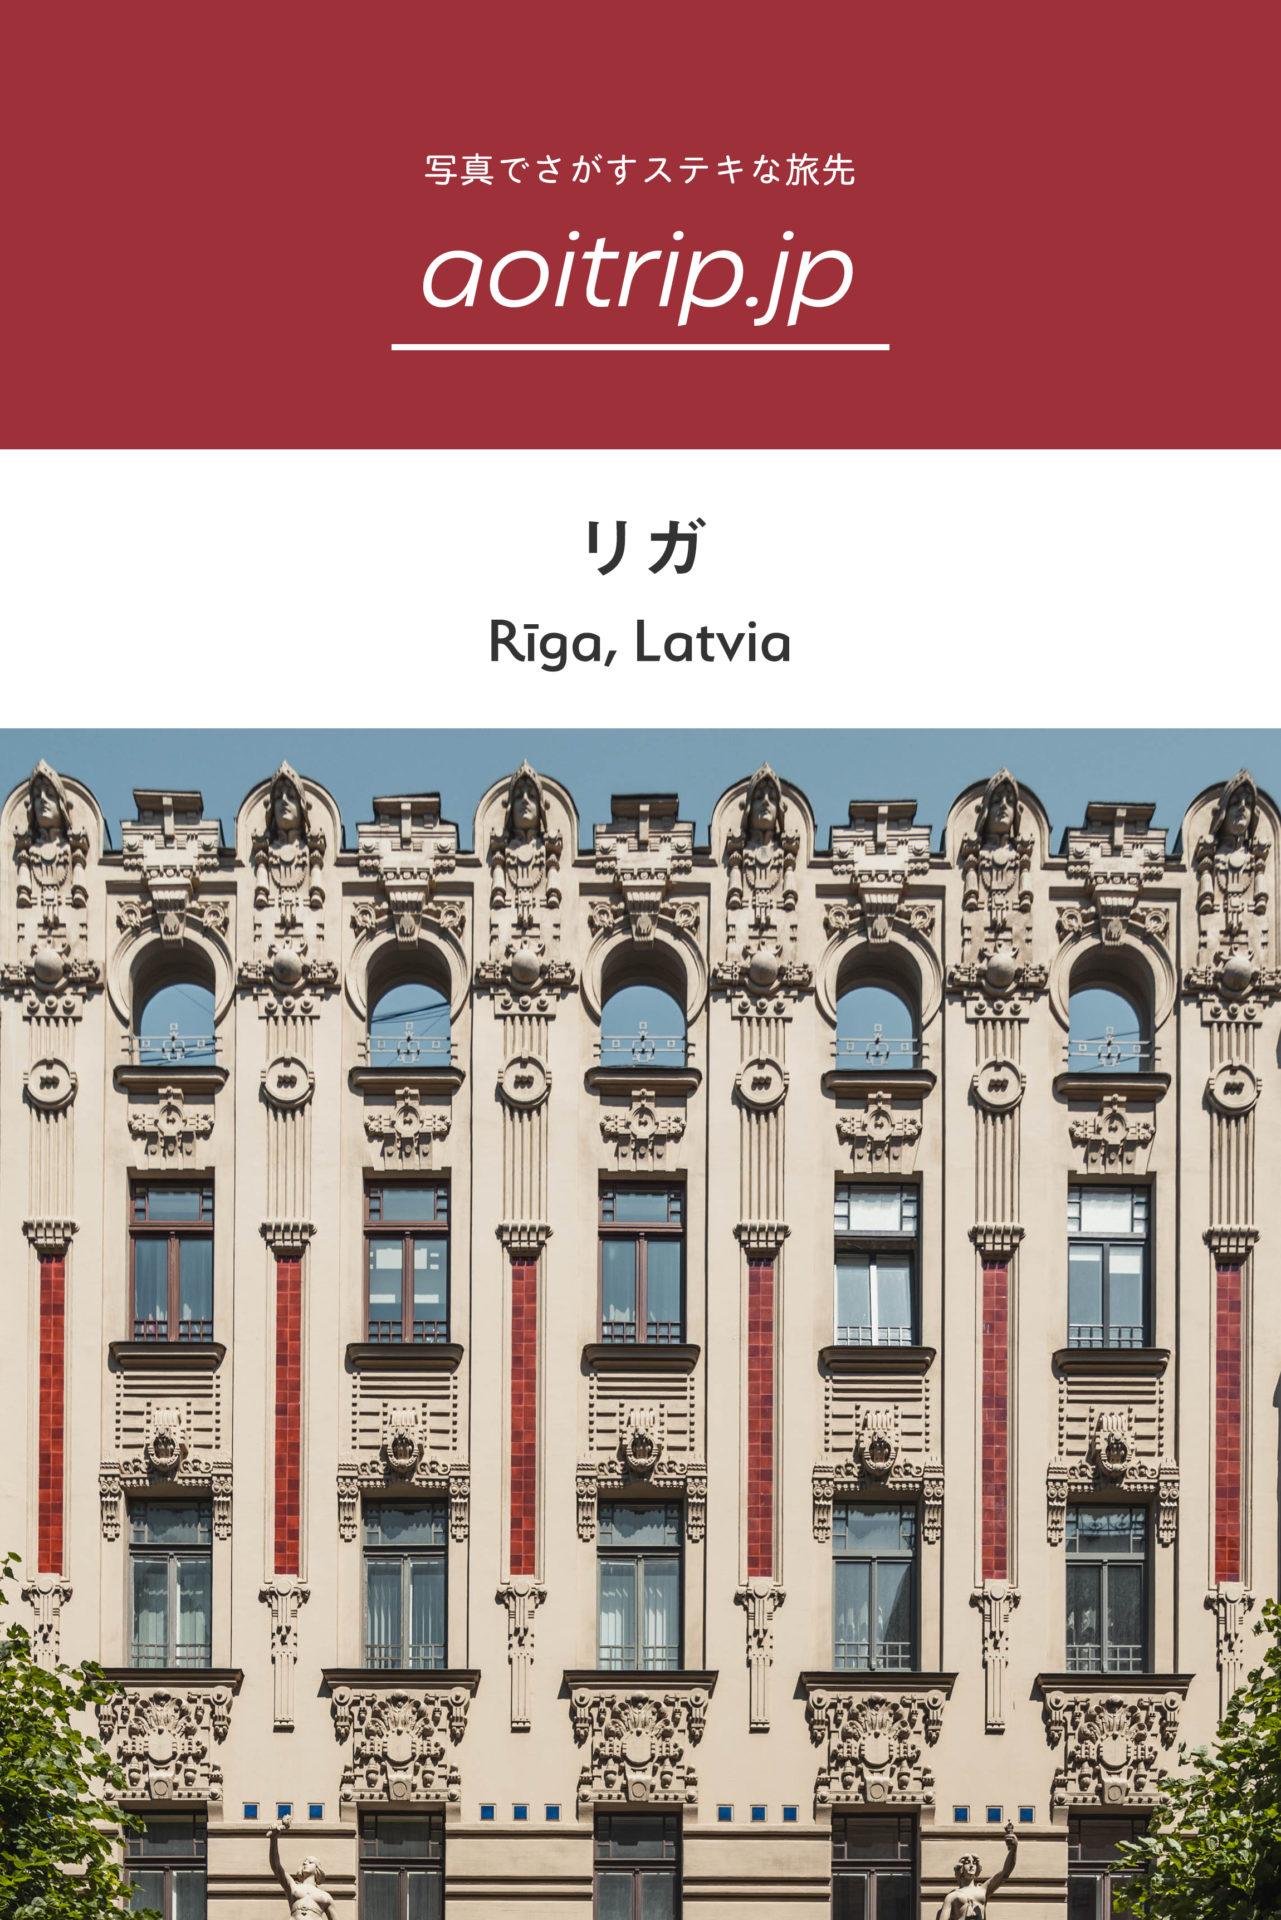 ラトビア旅行 リガ観光 Things To Do In Rīga, Latvia